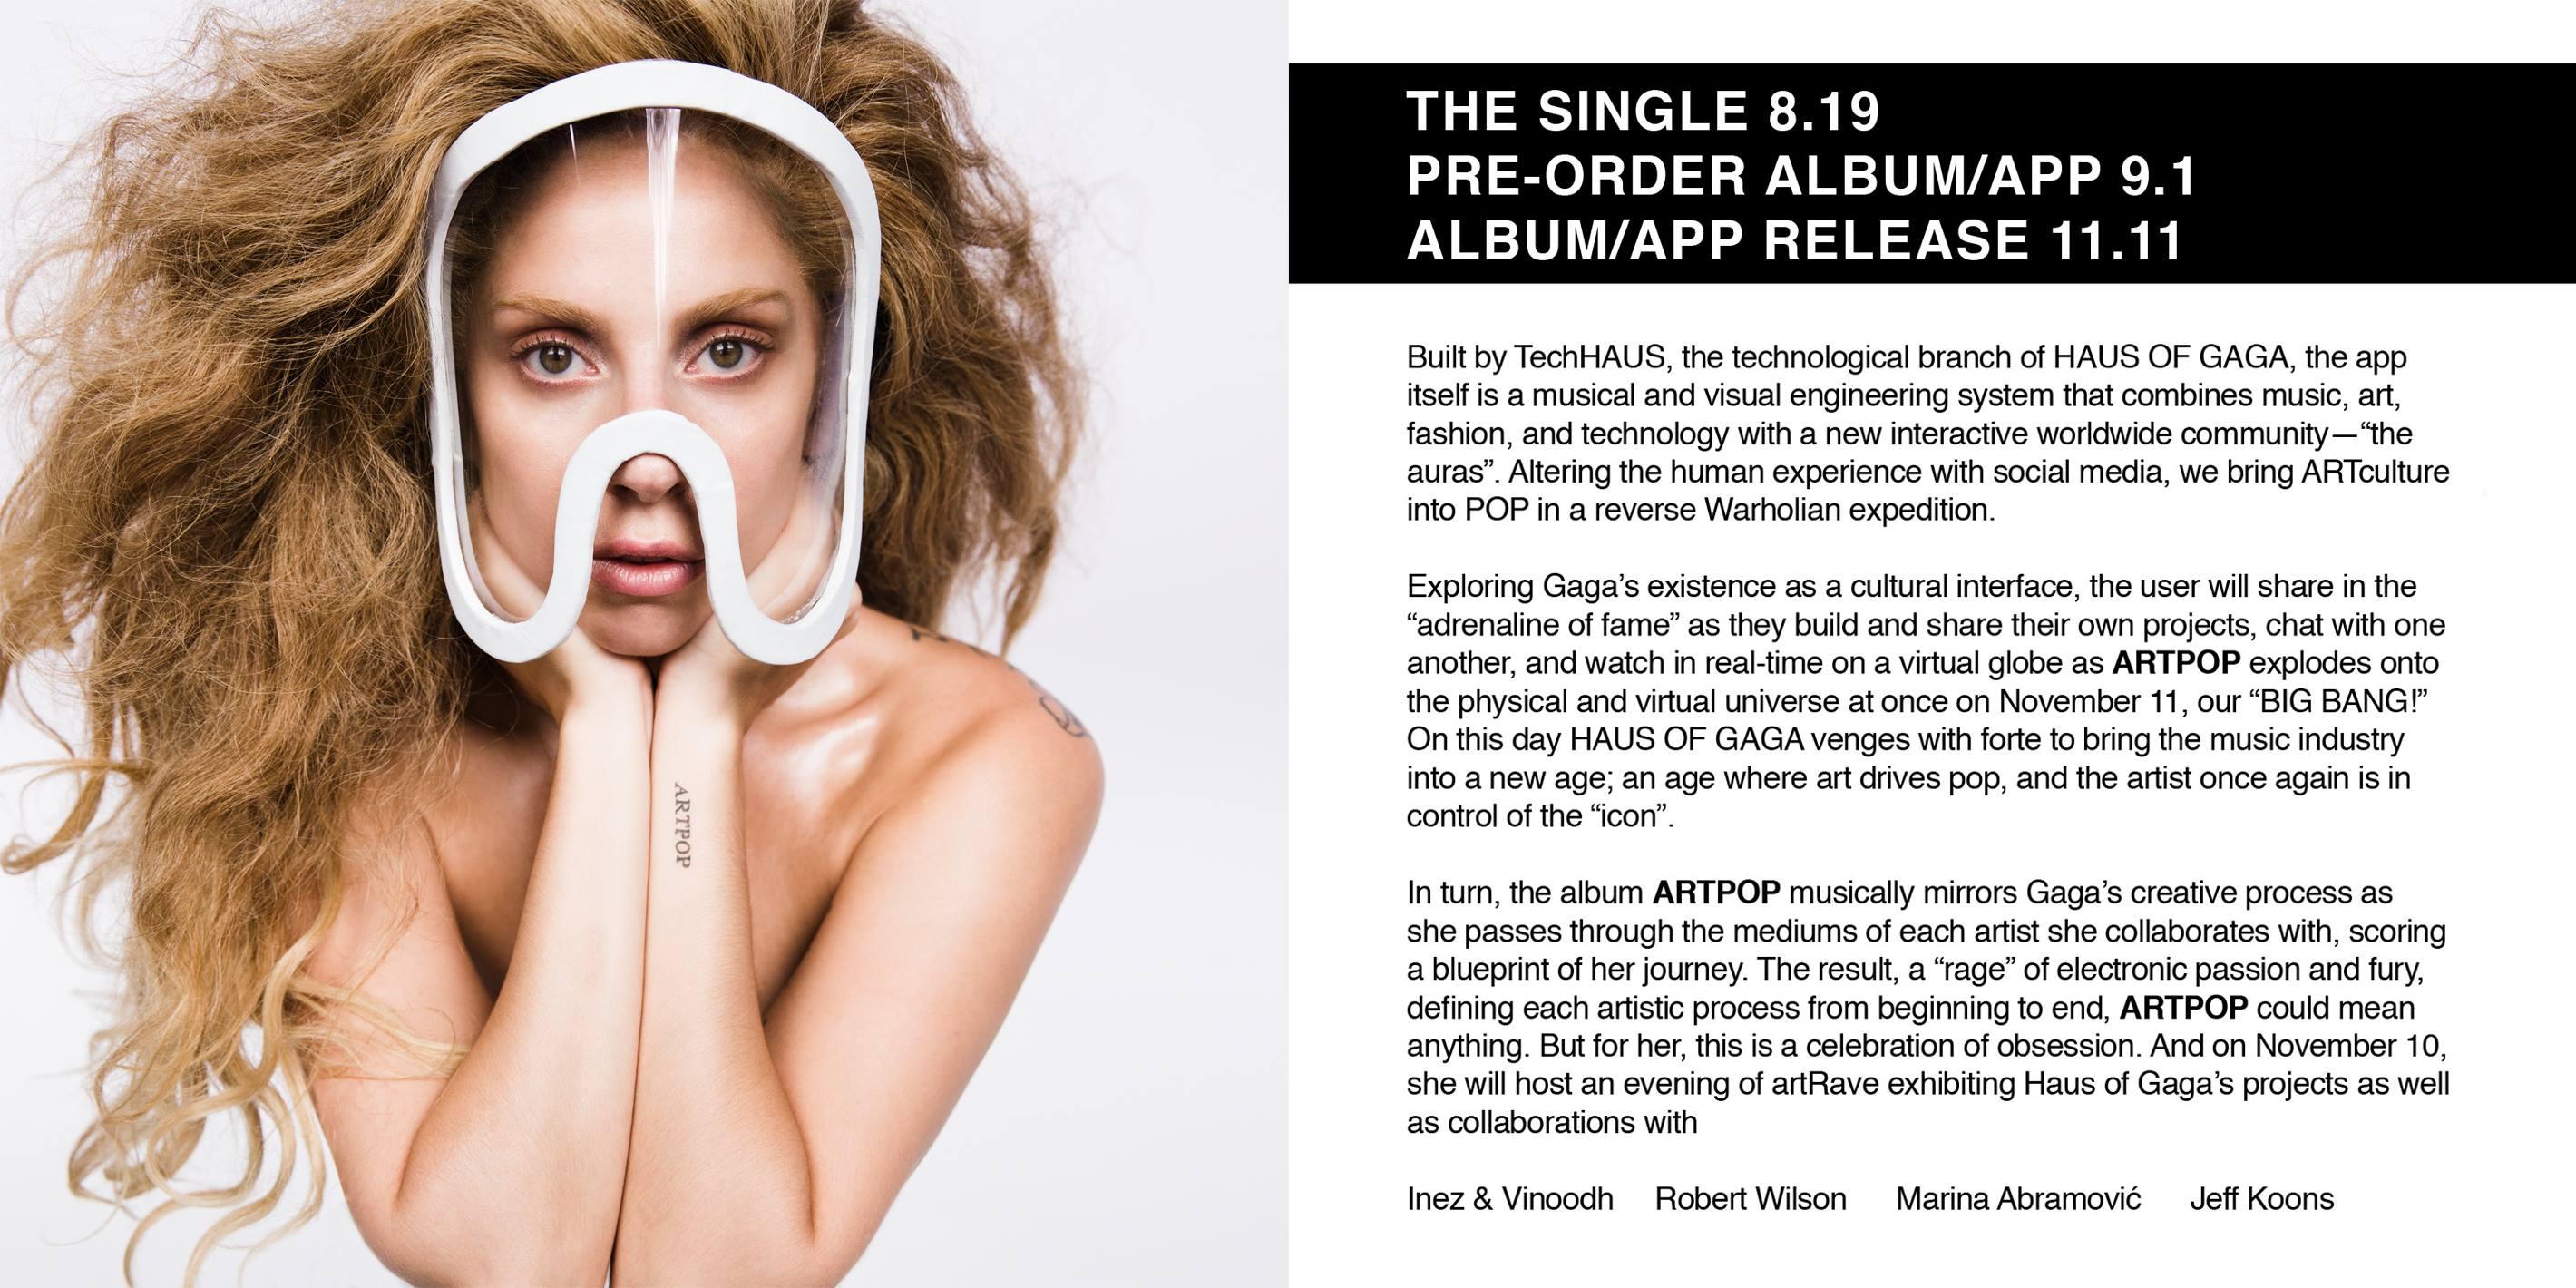 Lady Gaga unveiled details of her new album ARTPOP via Facebook (Picture: Facebook)